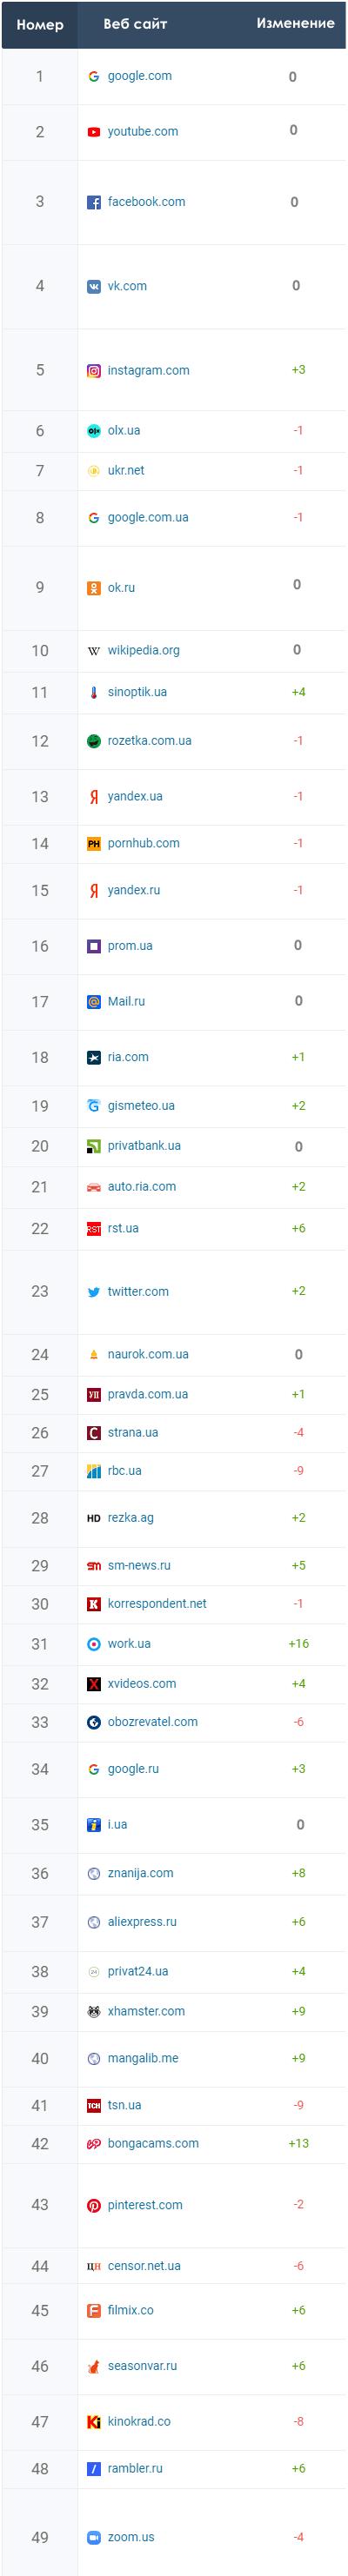 Рейтинг сайтов Украины 2020